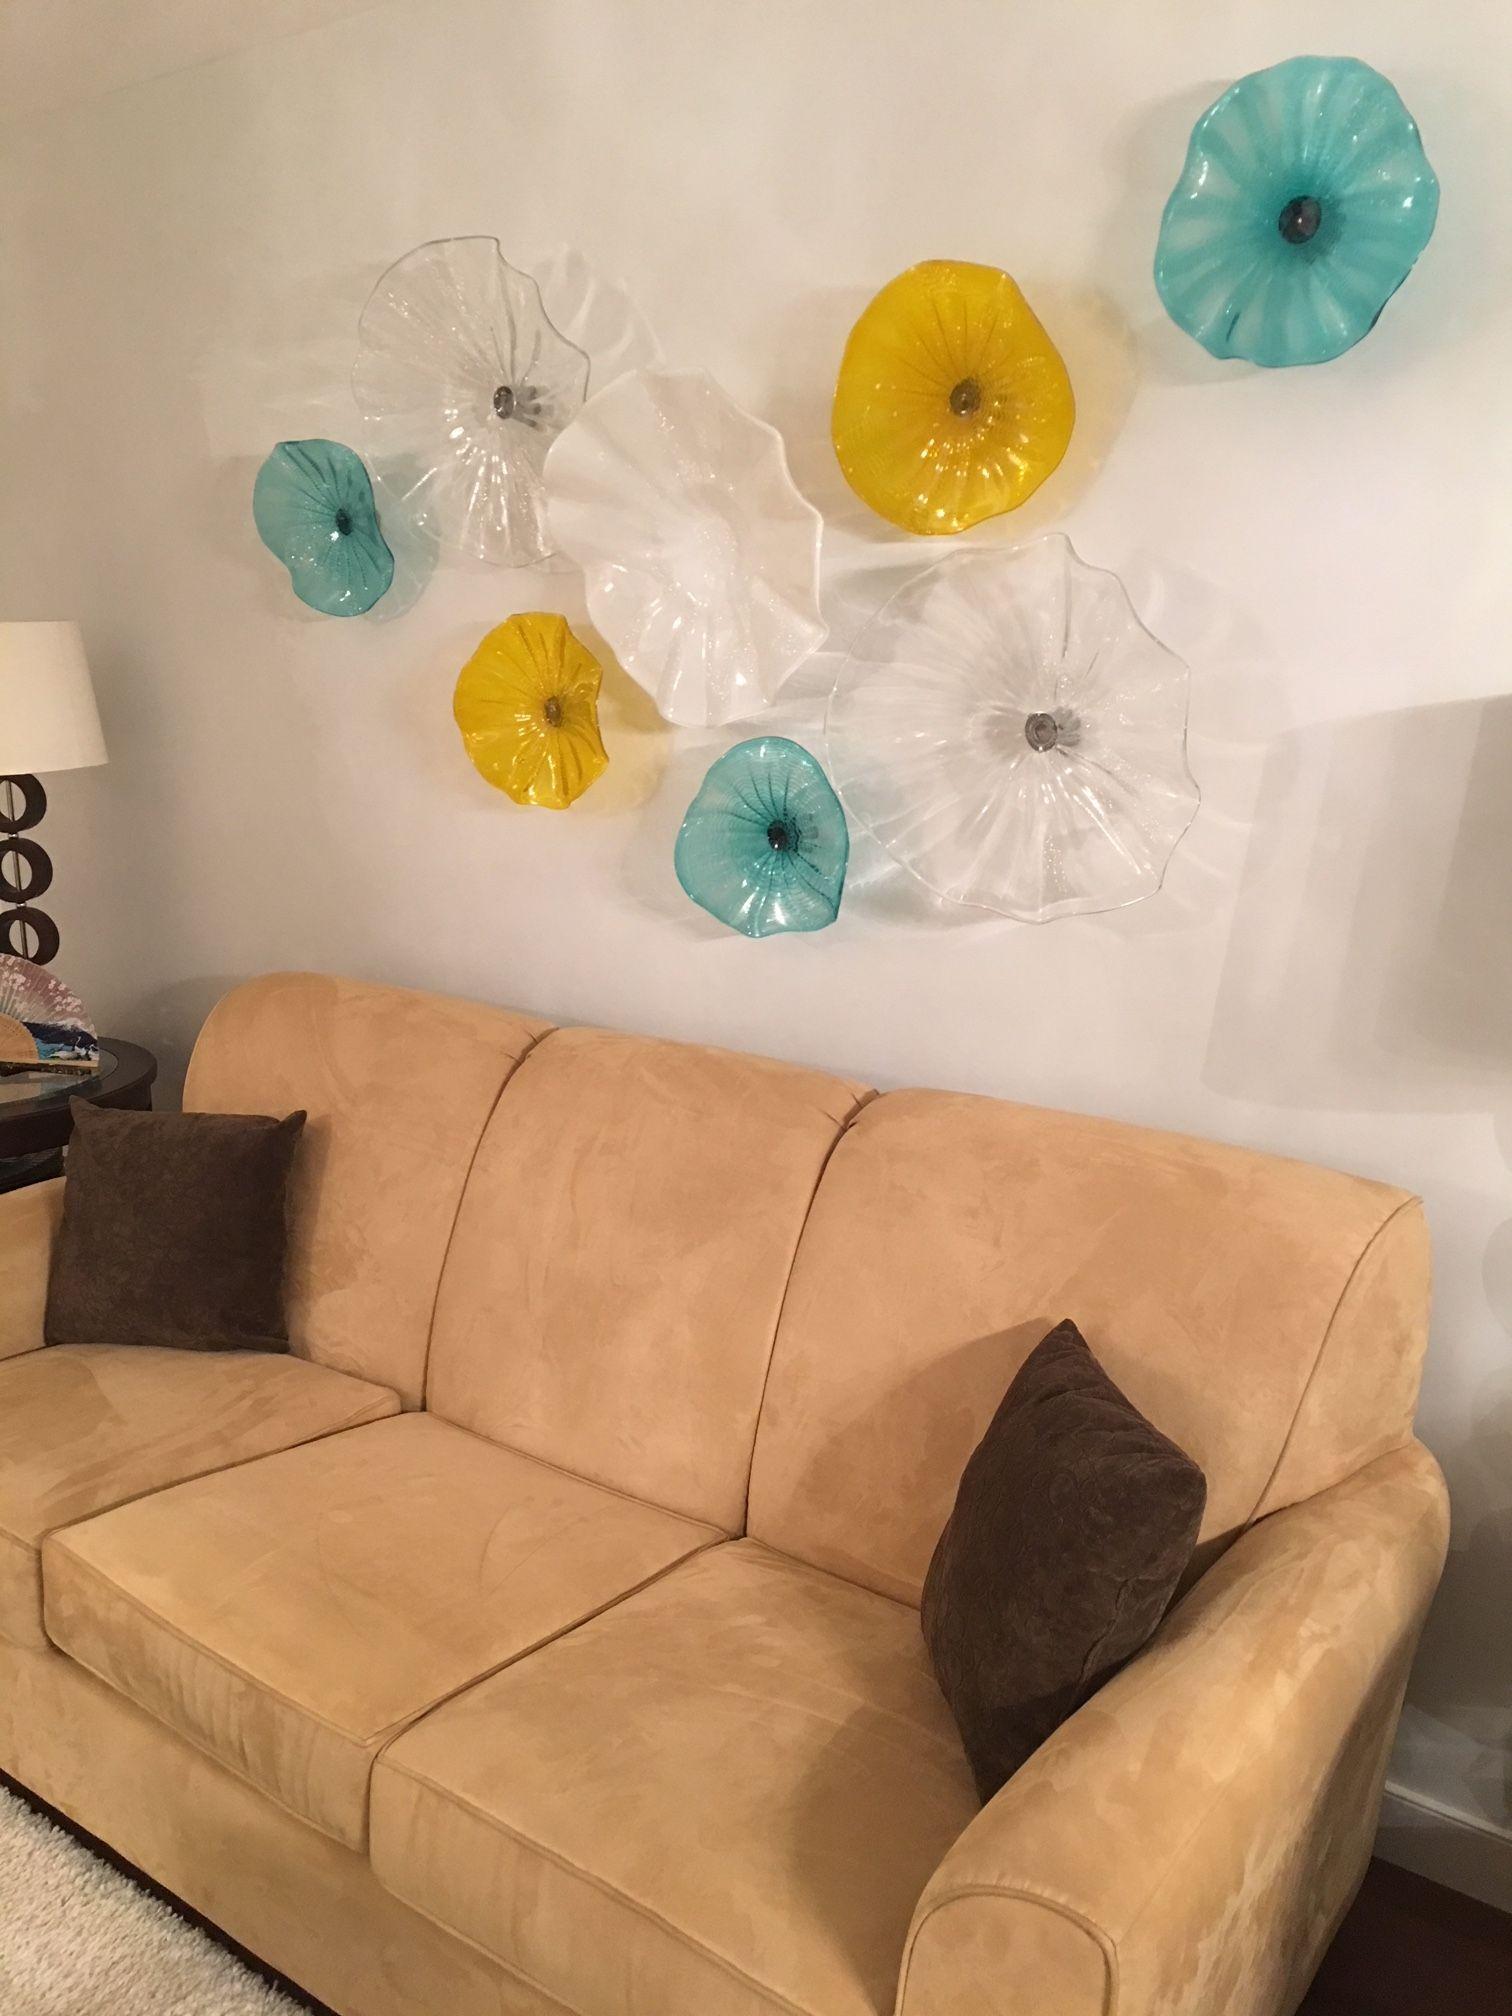 Decorazioni di nozze Piatti in vetro soffiato a mano Wall Art Personalizzato Trasparente Bianco Turchese Giallo Vetro Wall Art Piatti di fiori di Murano Hanging Wall Art